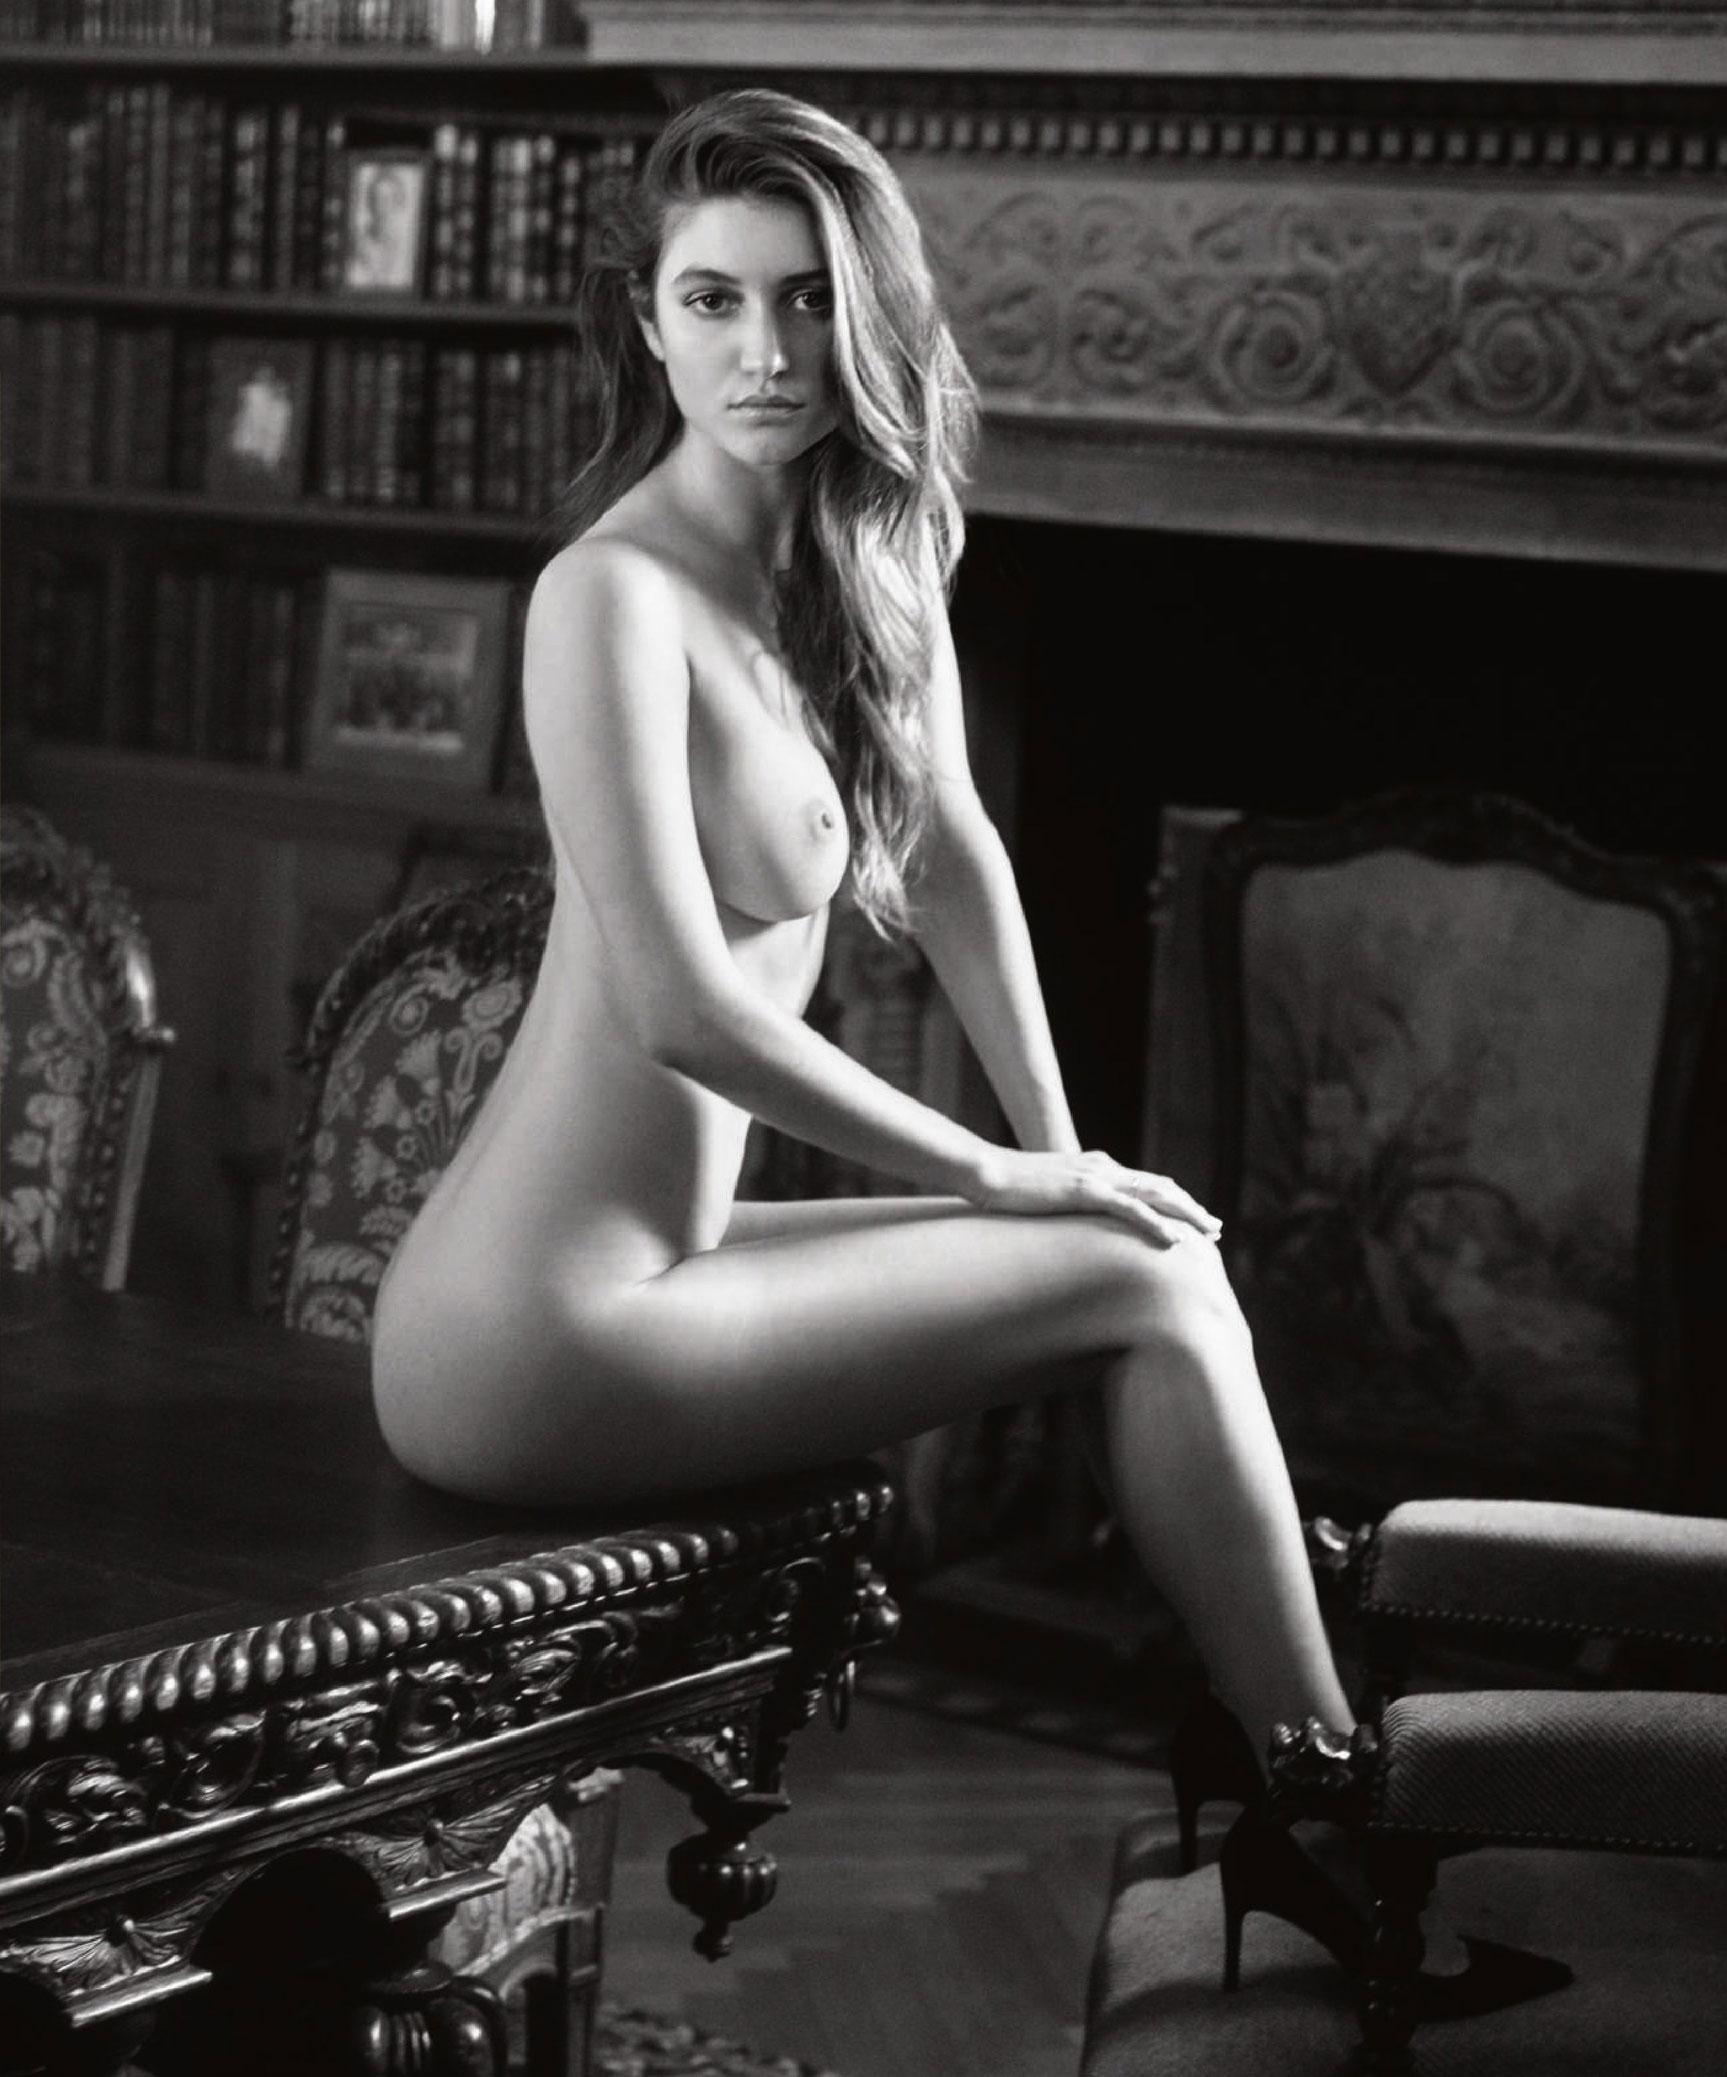 подборка фотографий сексуальных голых девушек - Elizabeth Elam